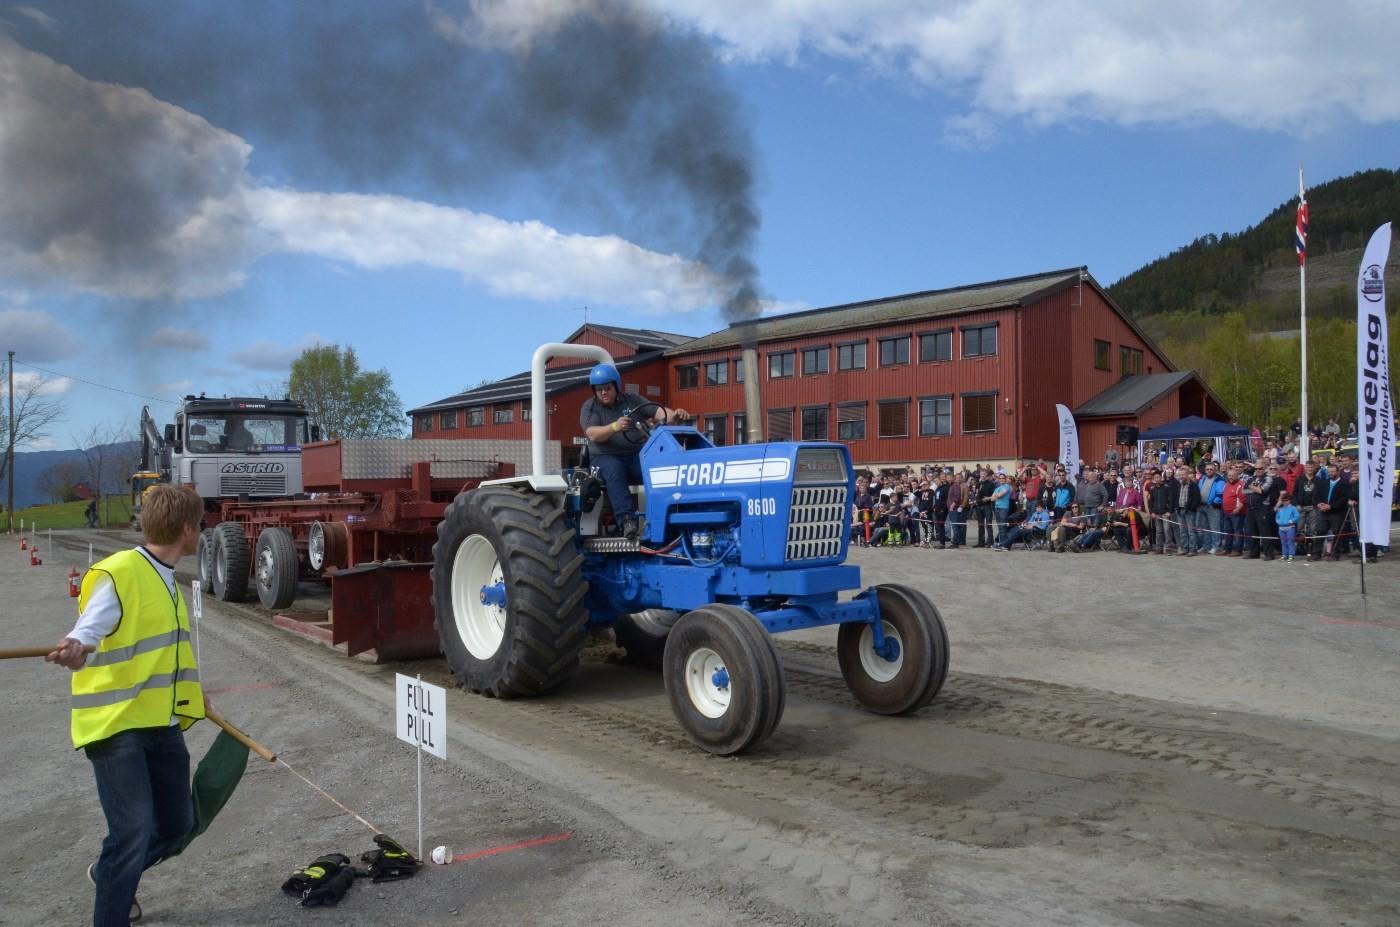 Emil Husøy i sin Ford 8600 - det ryker godt!  Foto Driva/Jon Olav Ørsal